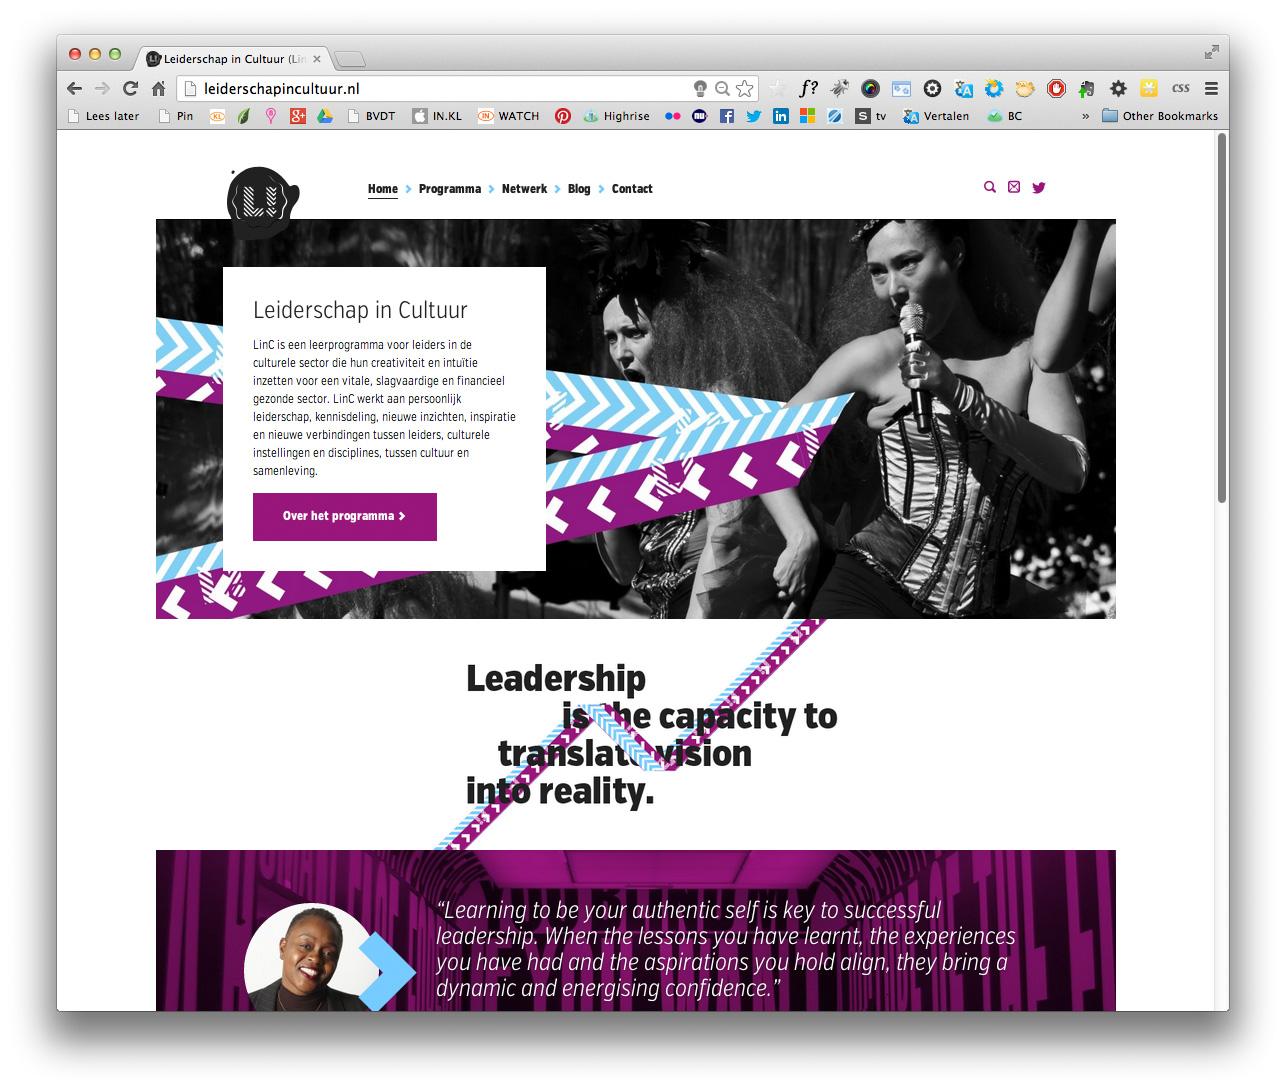 Nieuwe Website Leiderschapincultuurnl Linc Gelanceerd